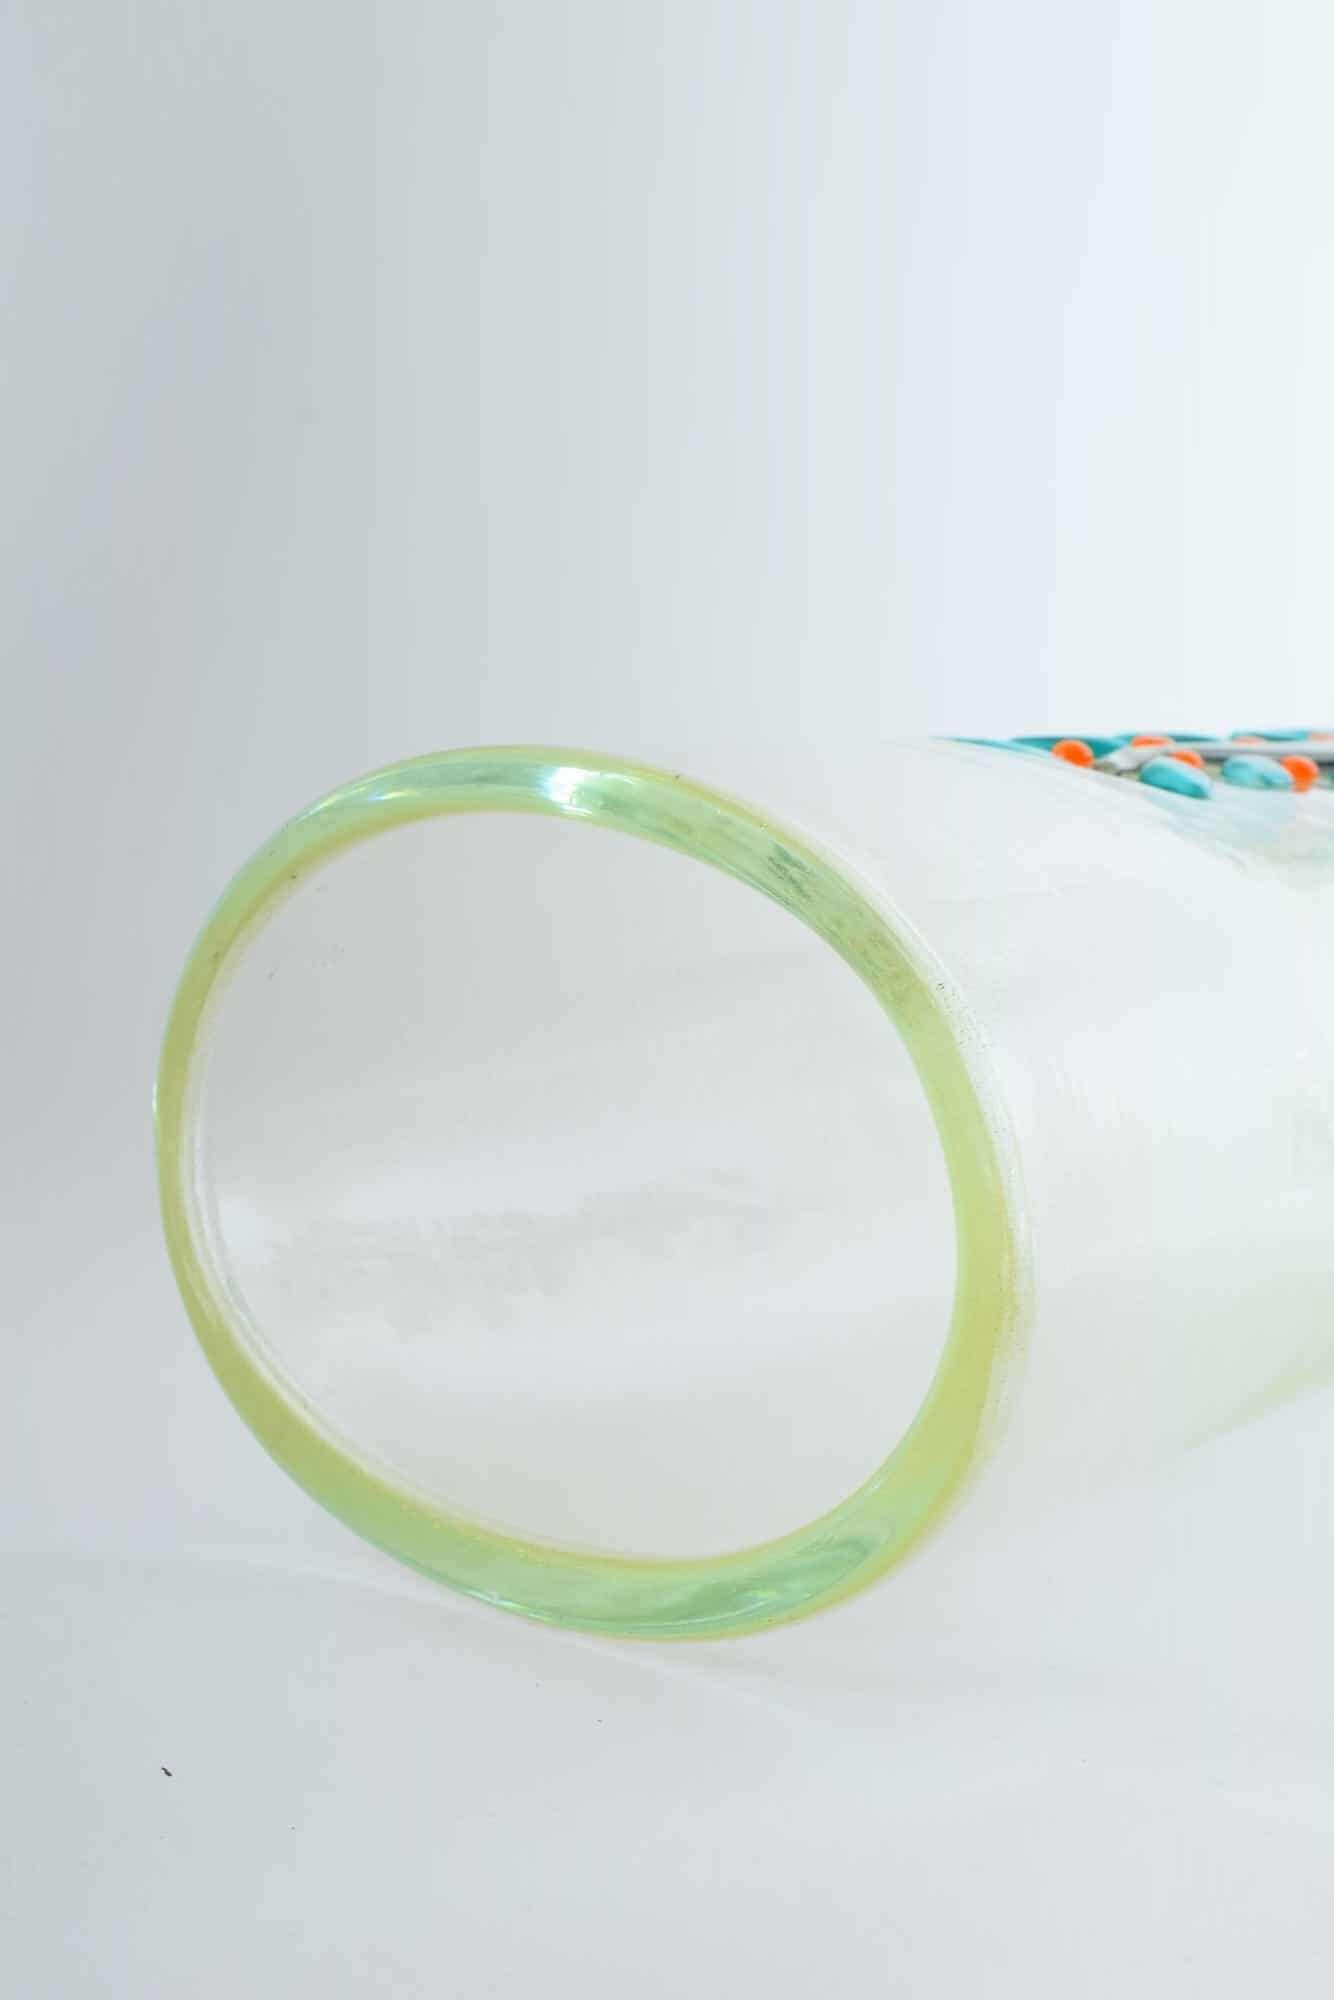 Сильвано Синьоретто ваза из муранского стекла - (Art. 38197)